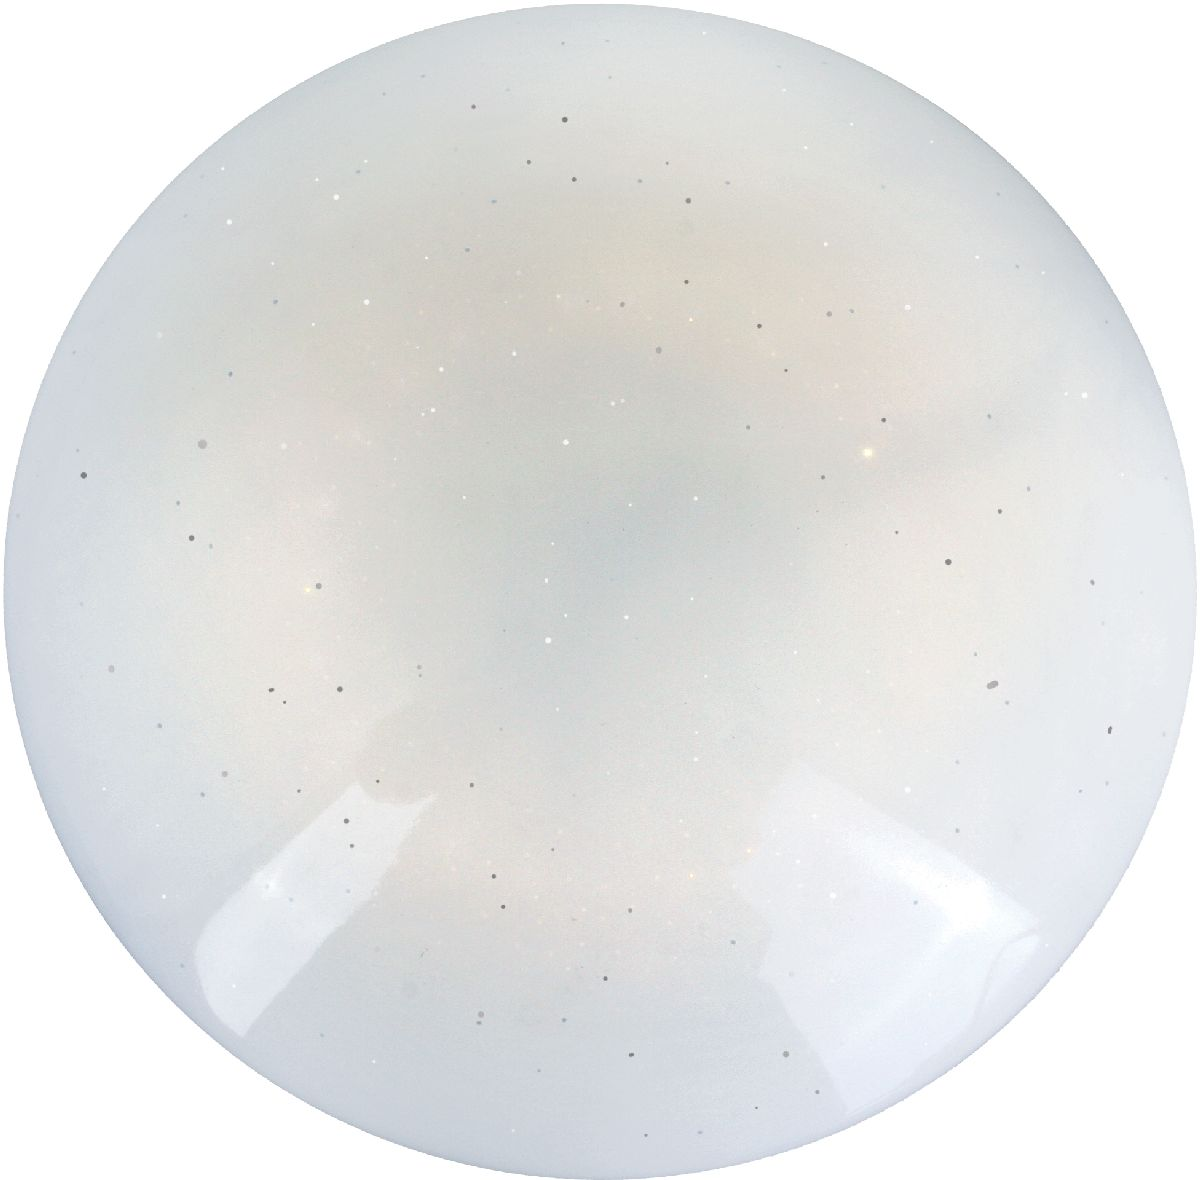 Светильник настенно-потолочный Camelion LBS-0502, LED, 18W, 4500K. 1268412684